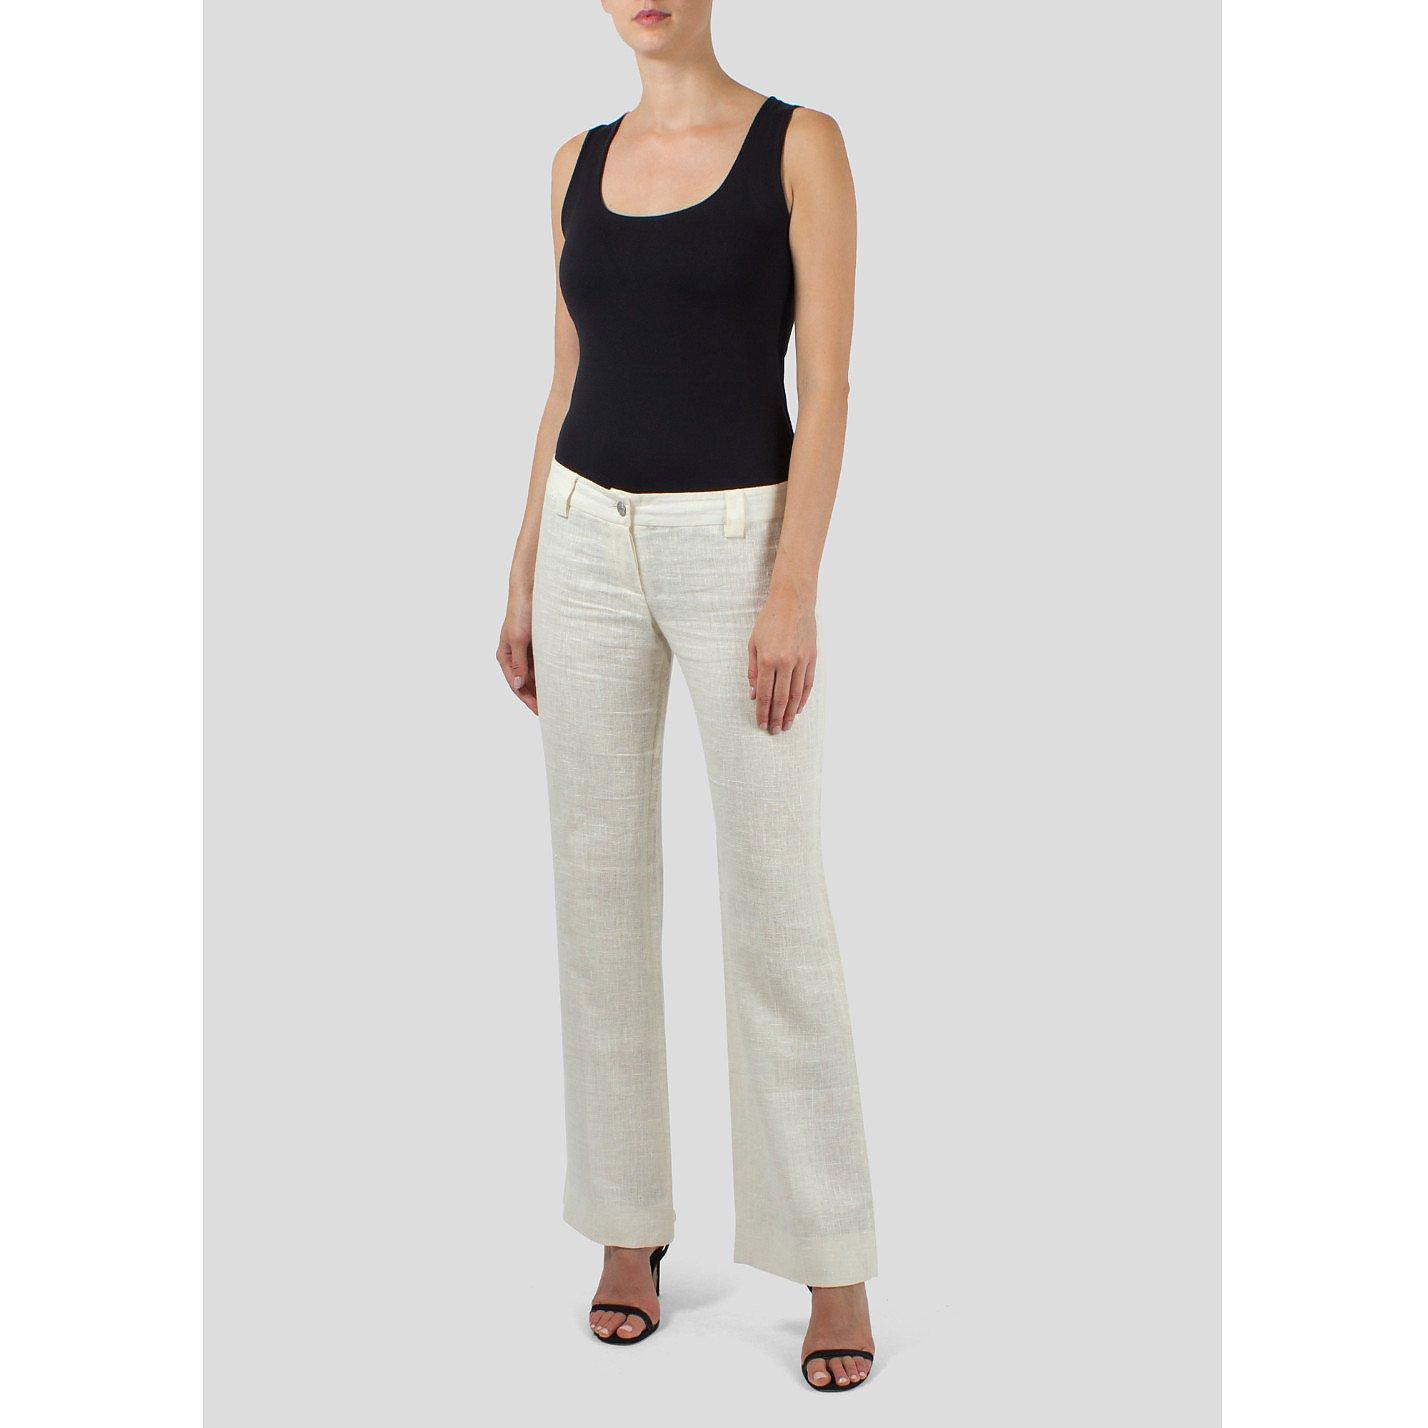 DOLCE & GABBANA Linen Bootleg Trousers